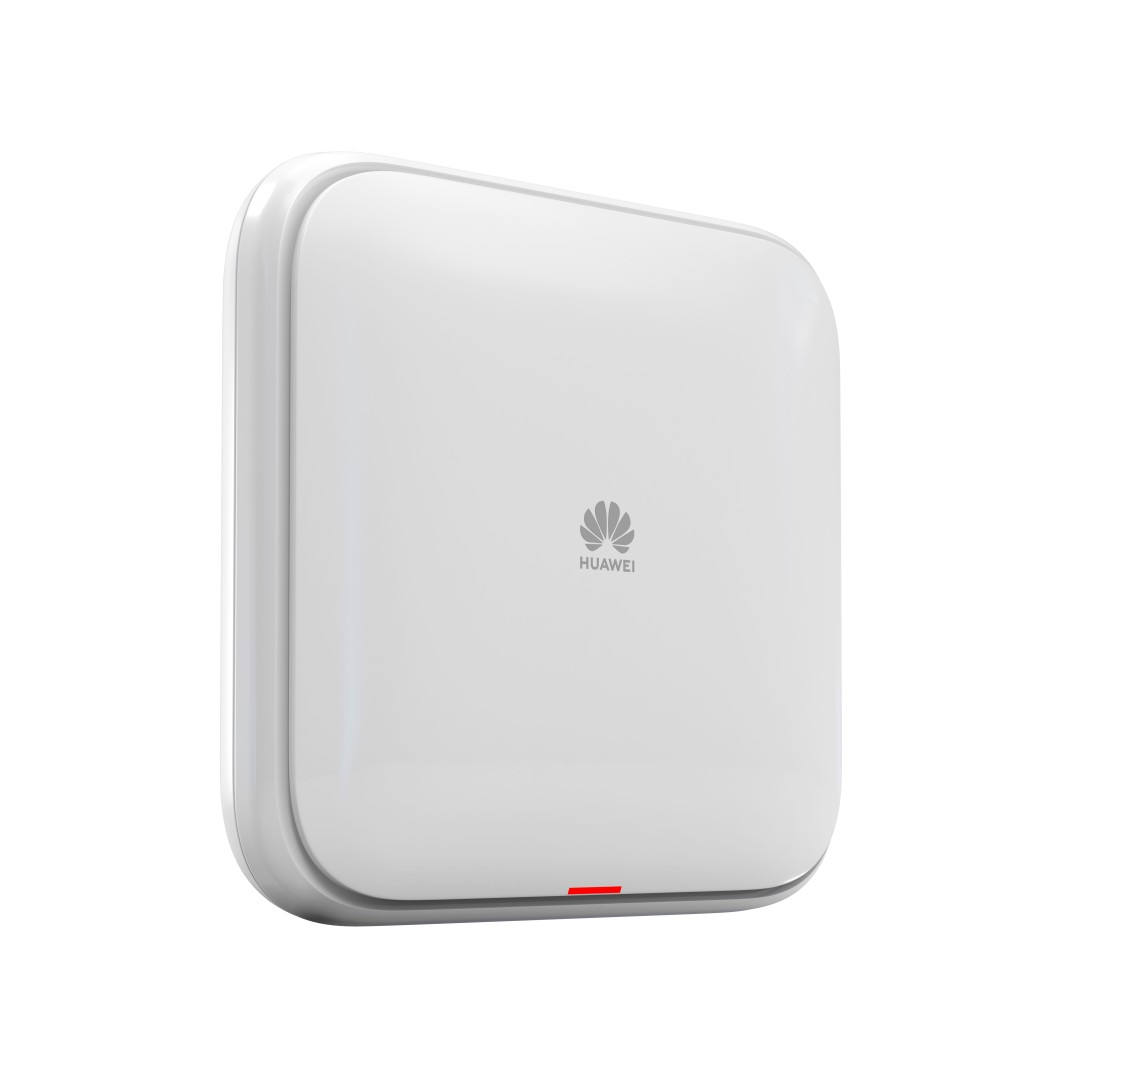 Nueva tecnología WiFi 6 - vf.jpg